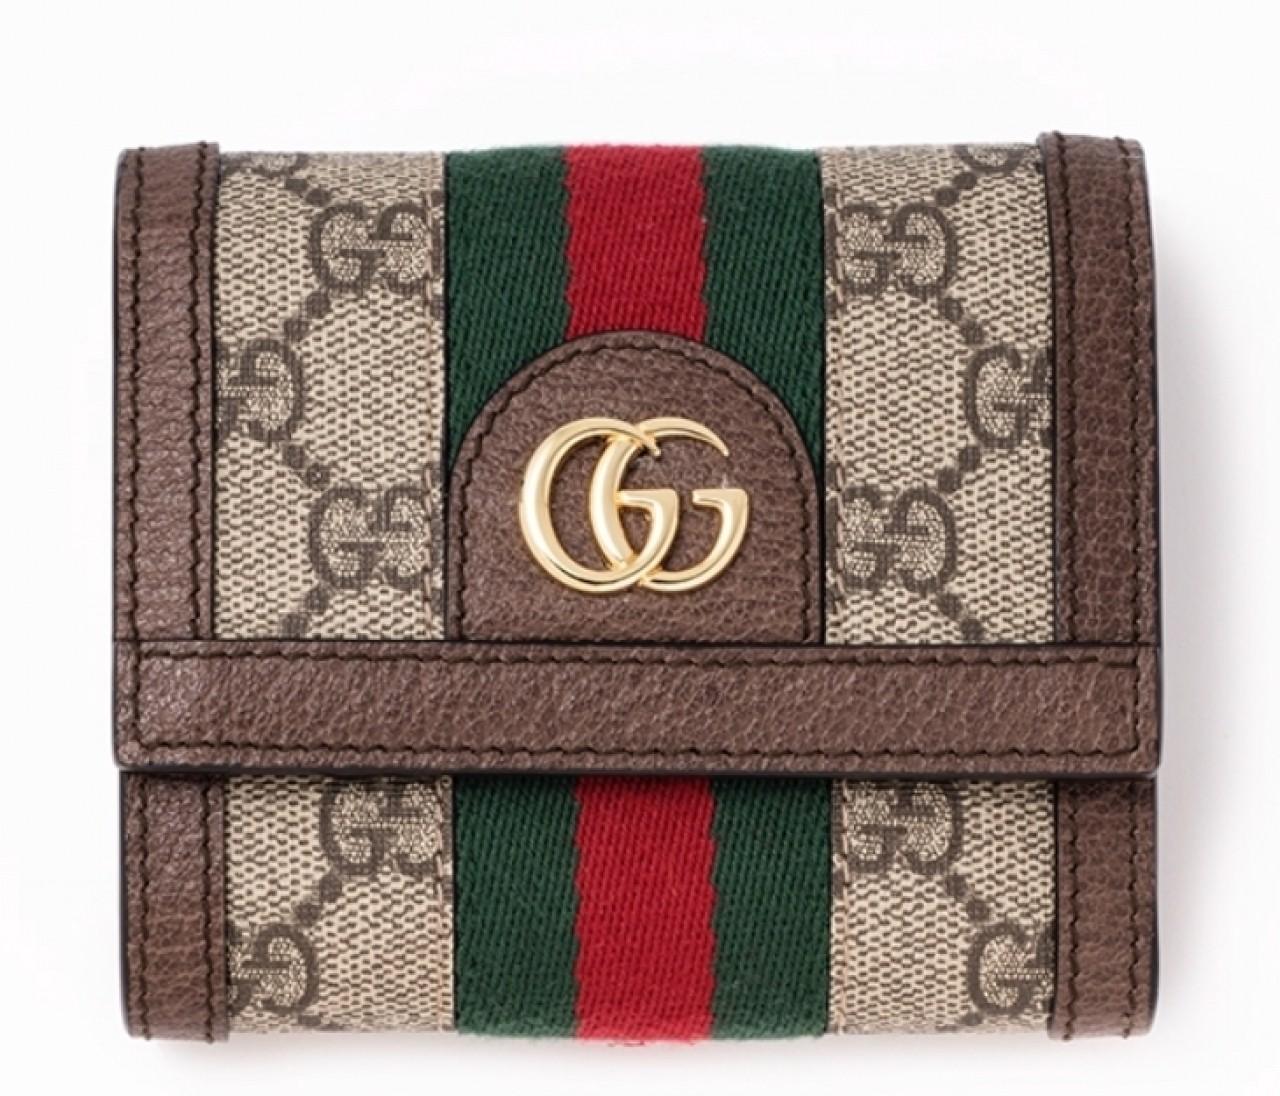 【グッチの財布まとめ】フローラプリントもGGパターンも!気分が上がるグッチの財布